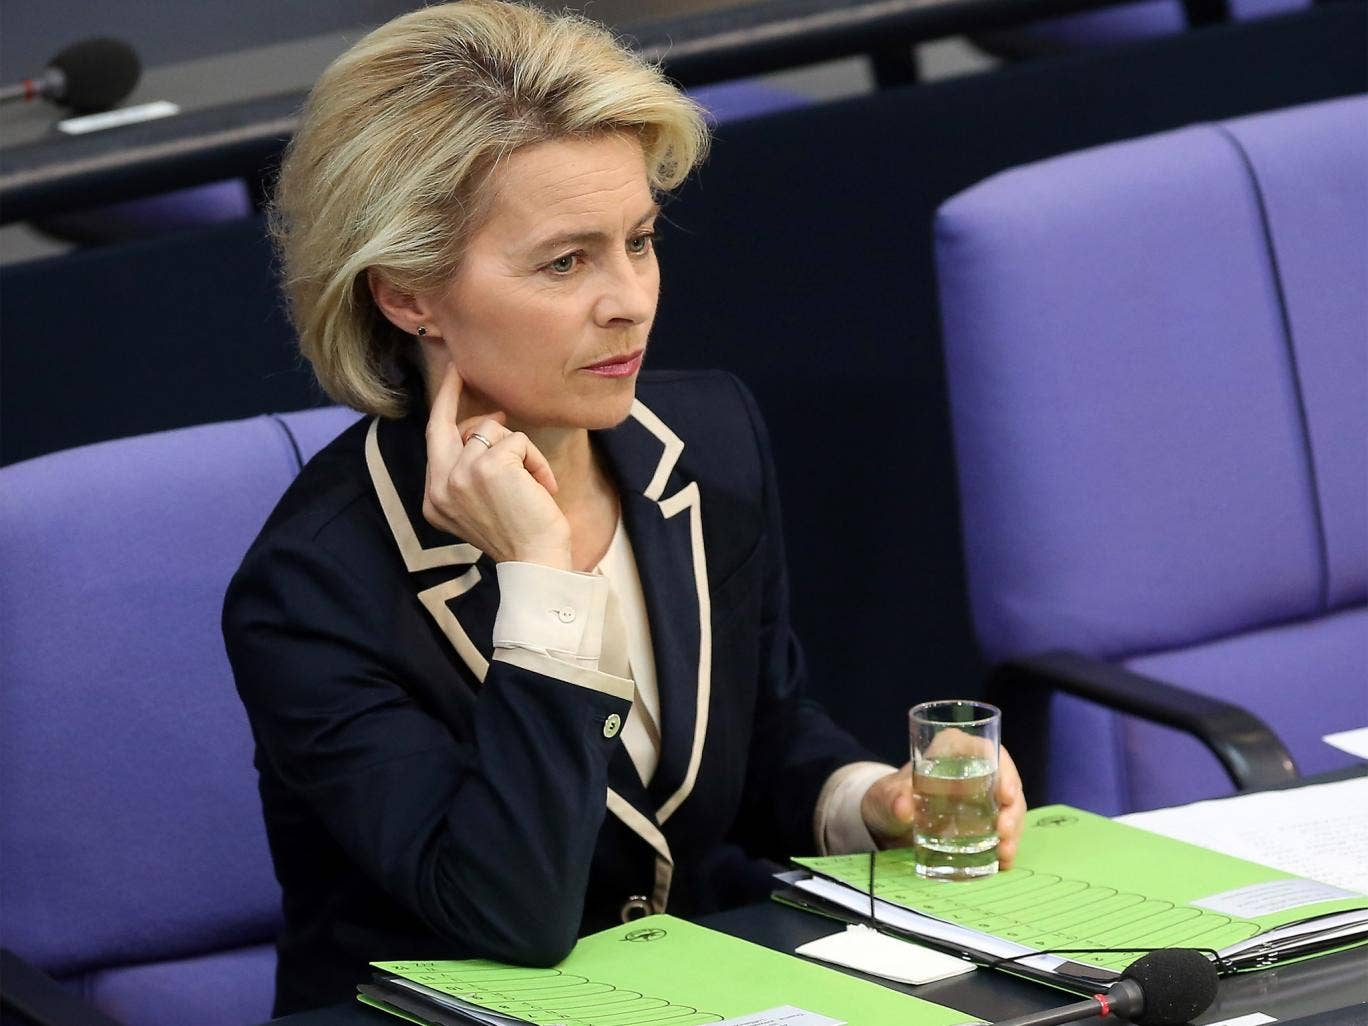 The German Defence Minister, Ursula von der Leyen